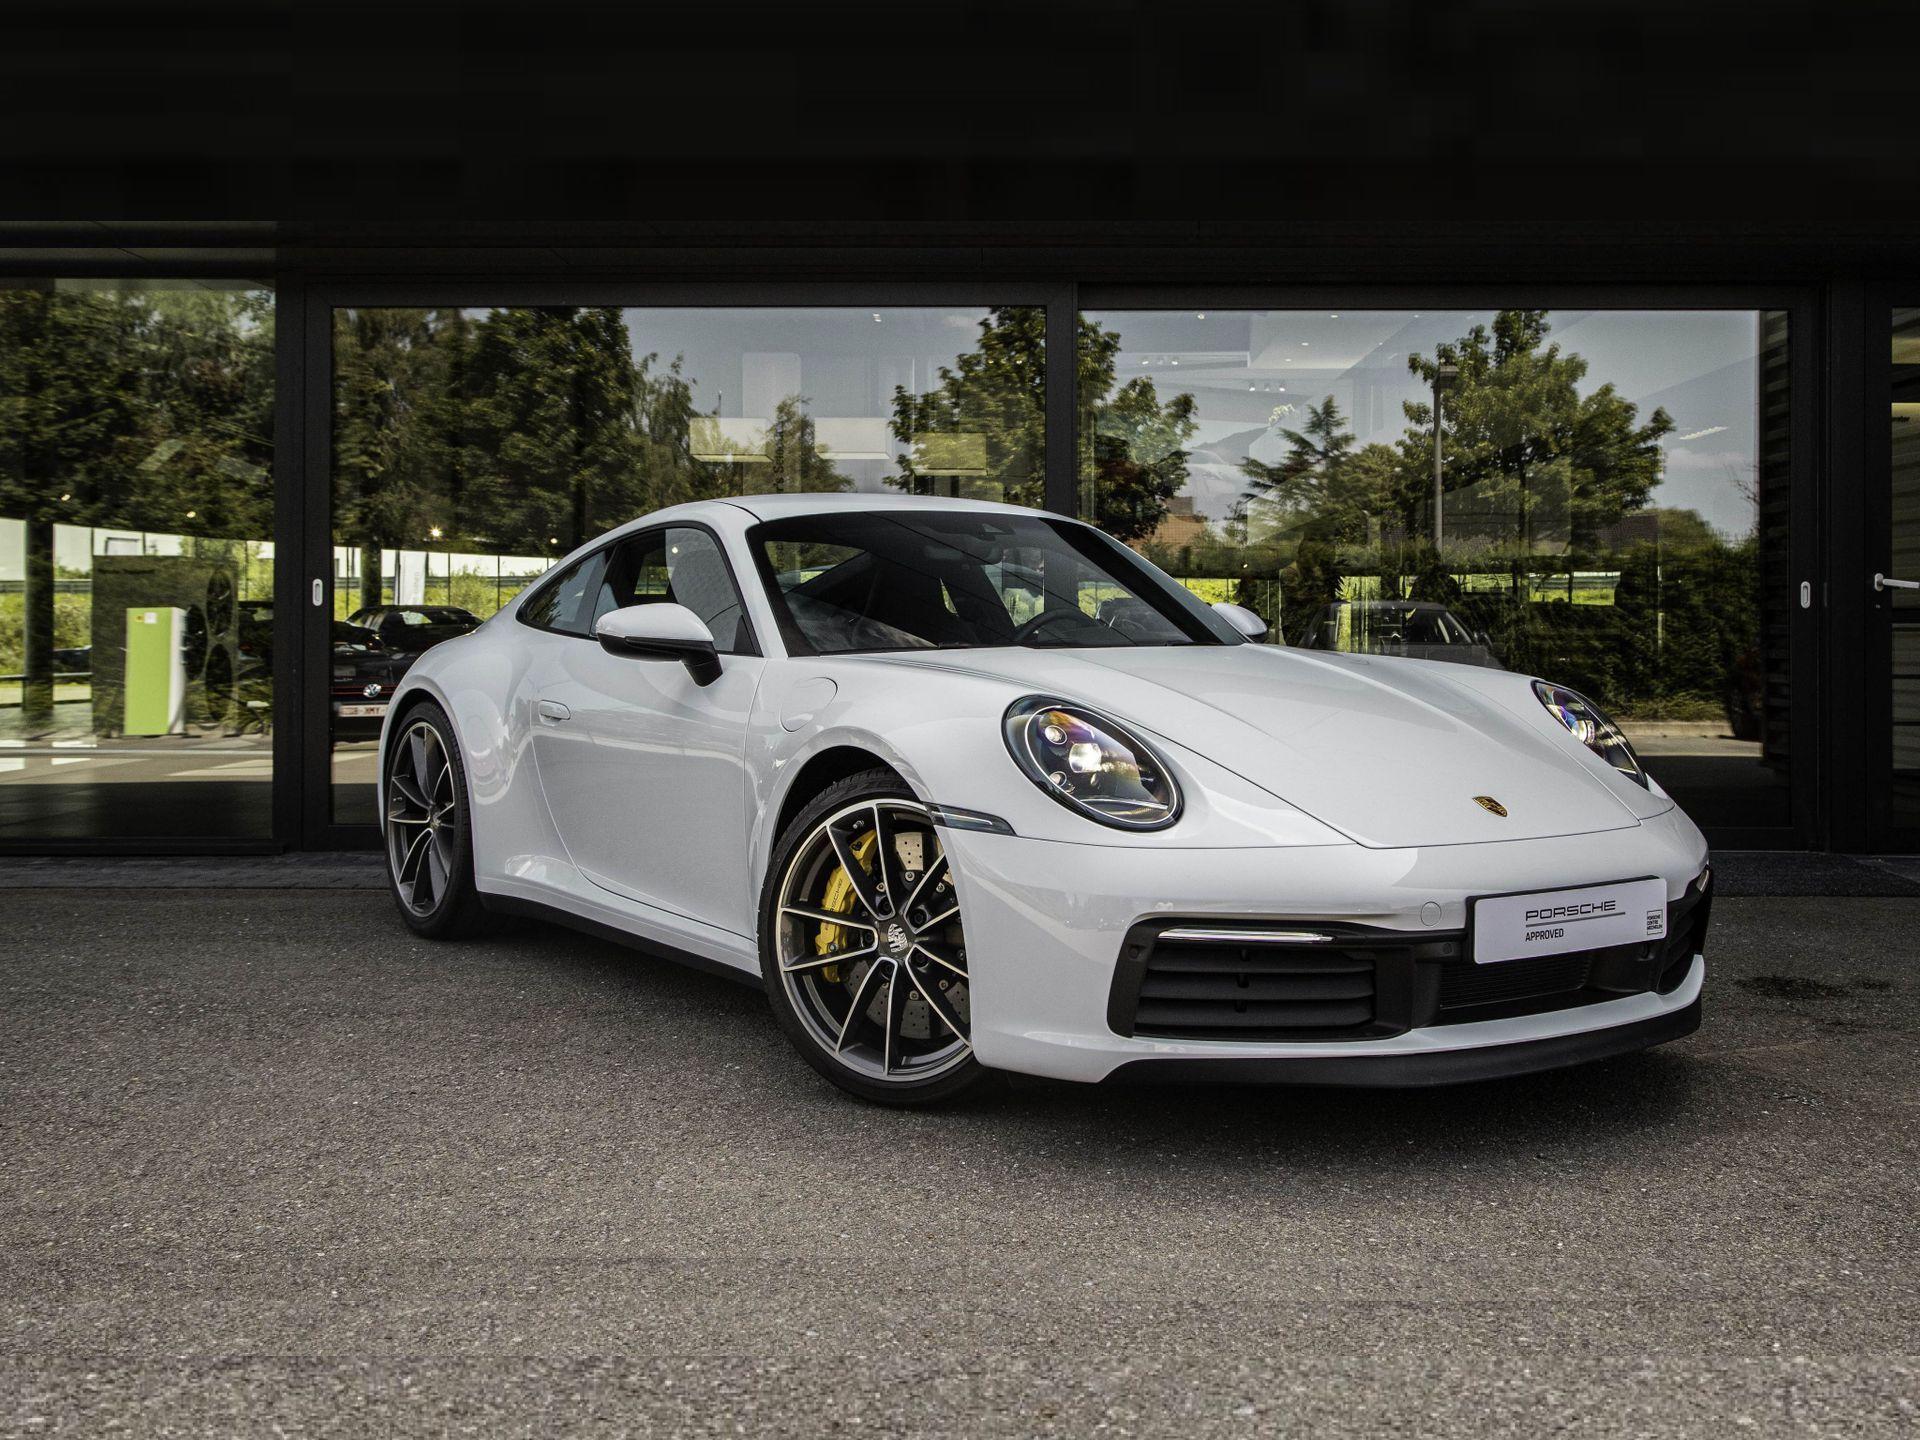 2019 Porsche 911 kaufen gebraucht - Baujahr 2019